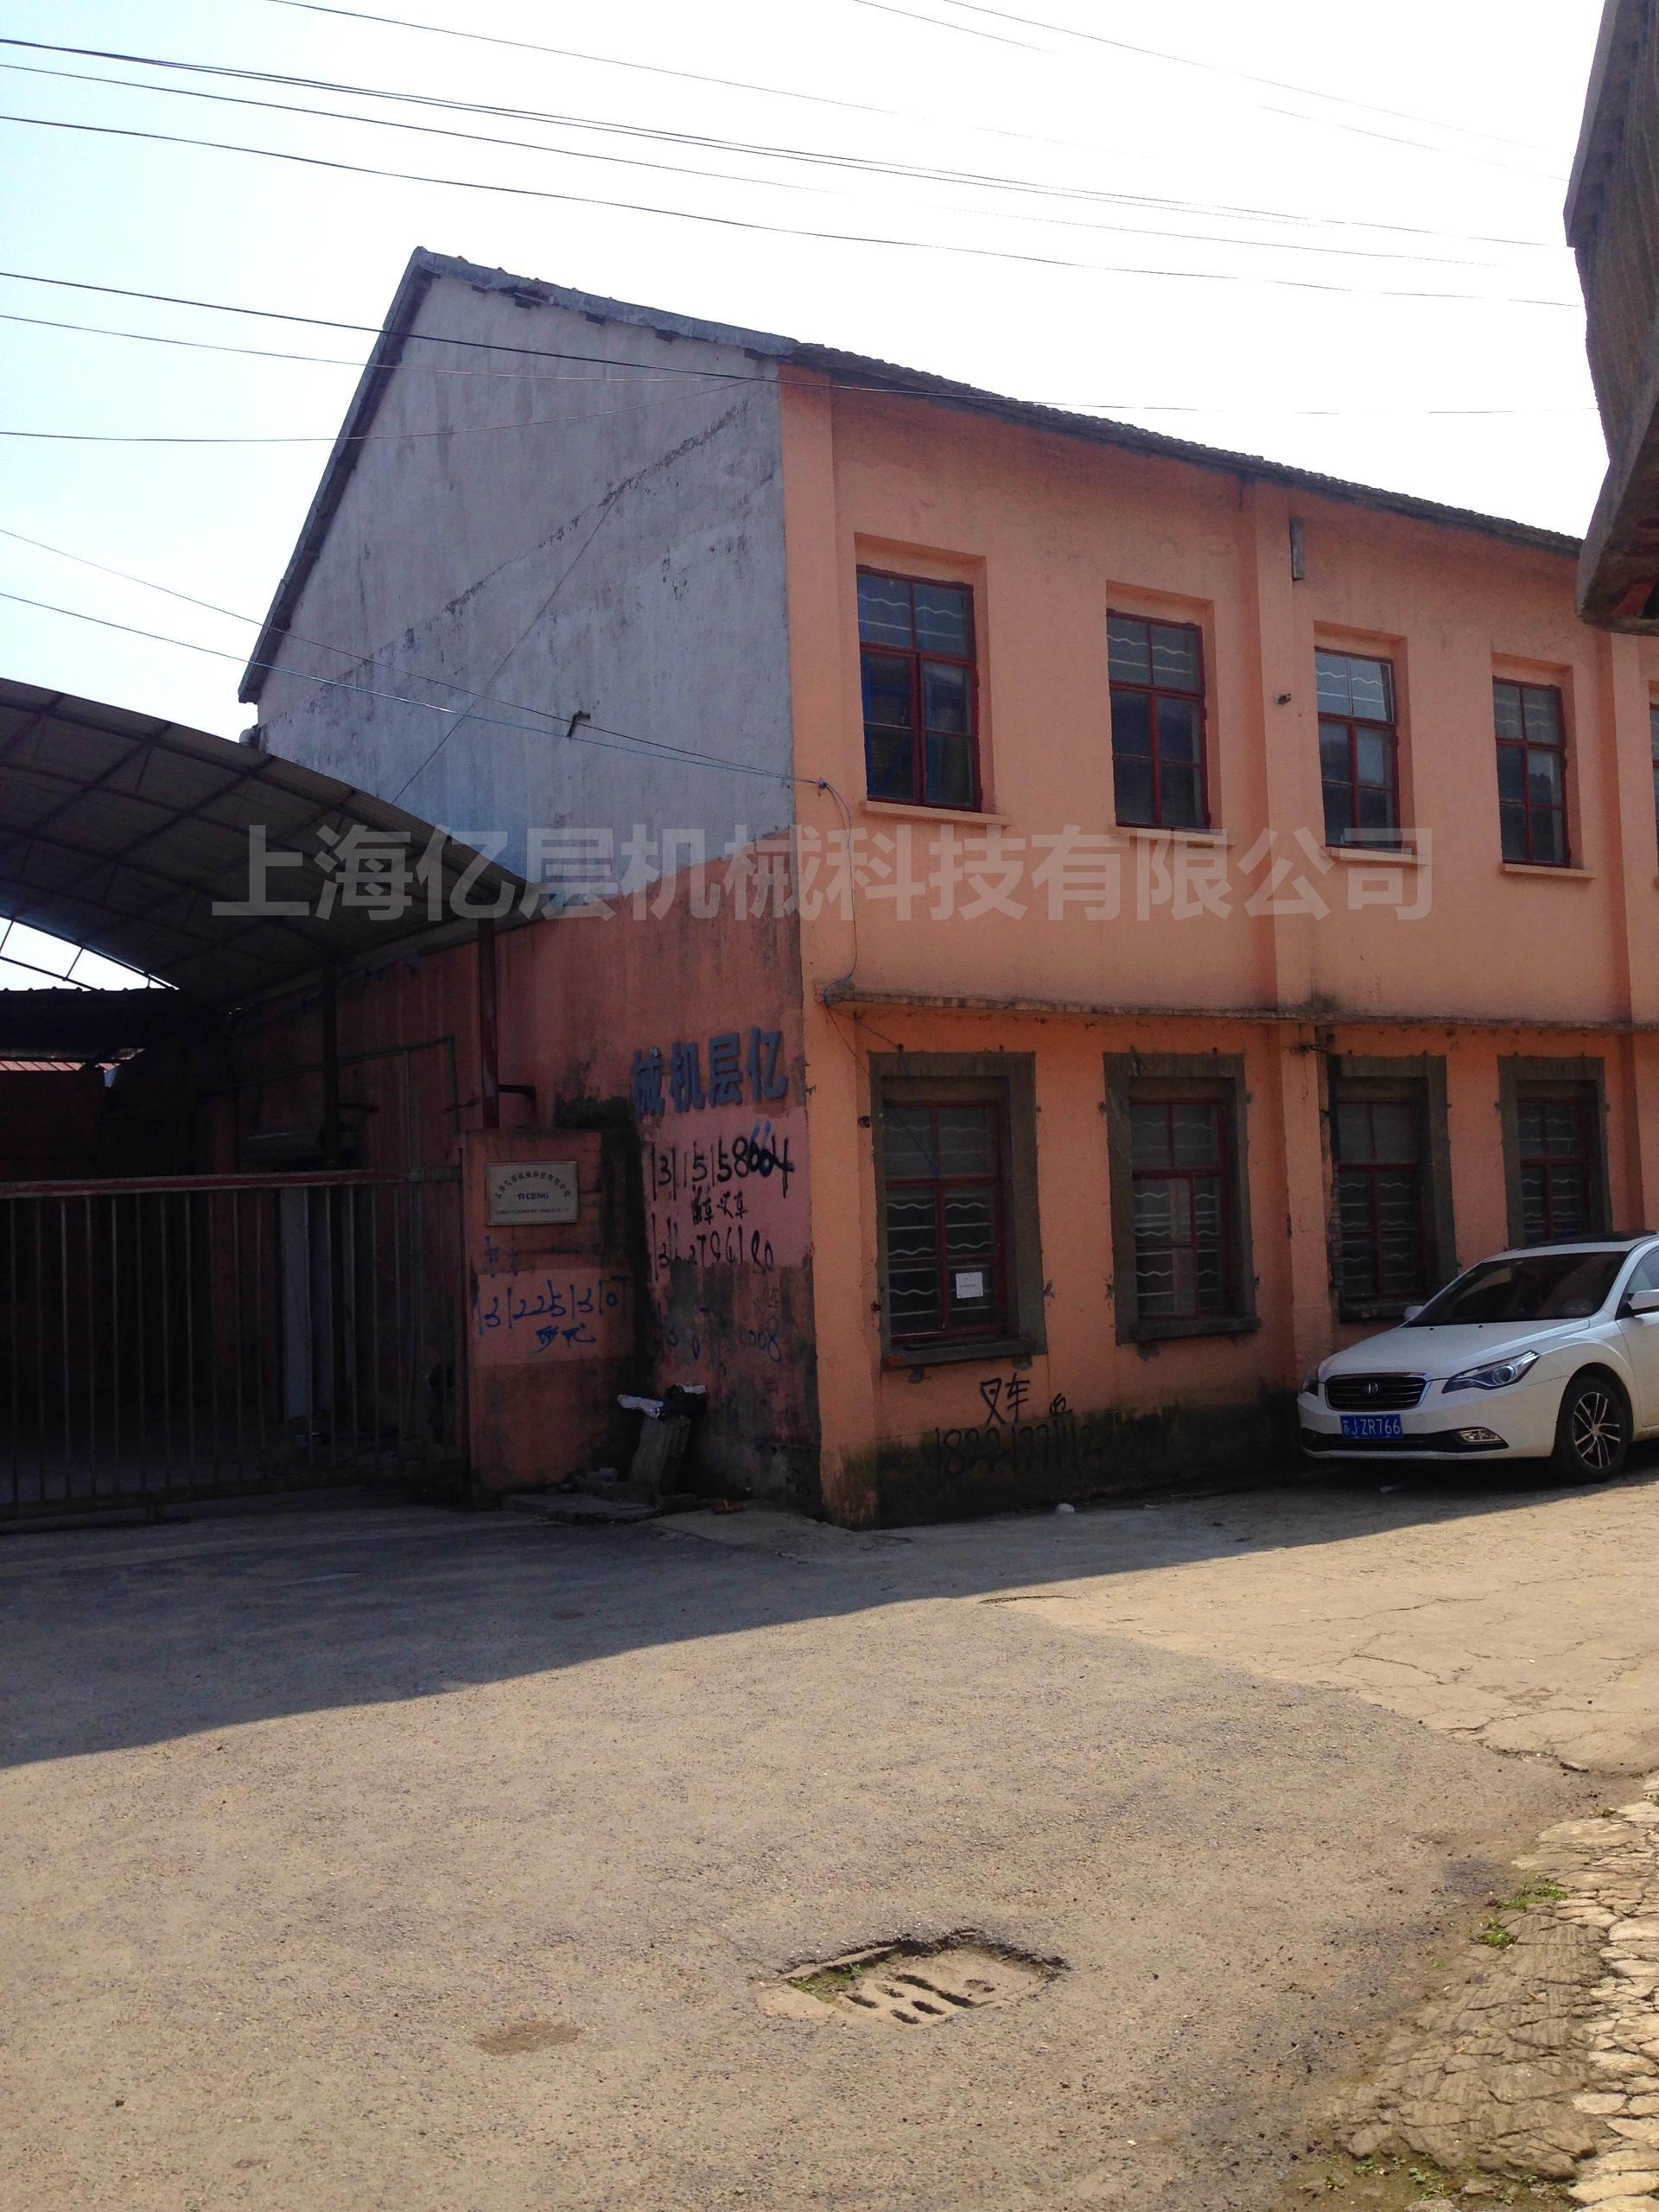 上海億層機械科技有限公司灌裝機視頻5C6A16FE-2CB2-4028-A41C-68507AC9D5A3.JPG